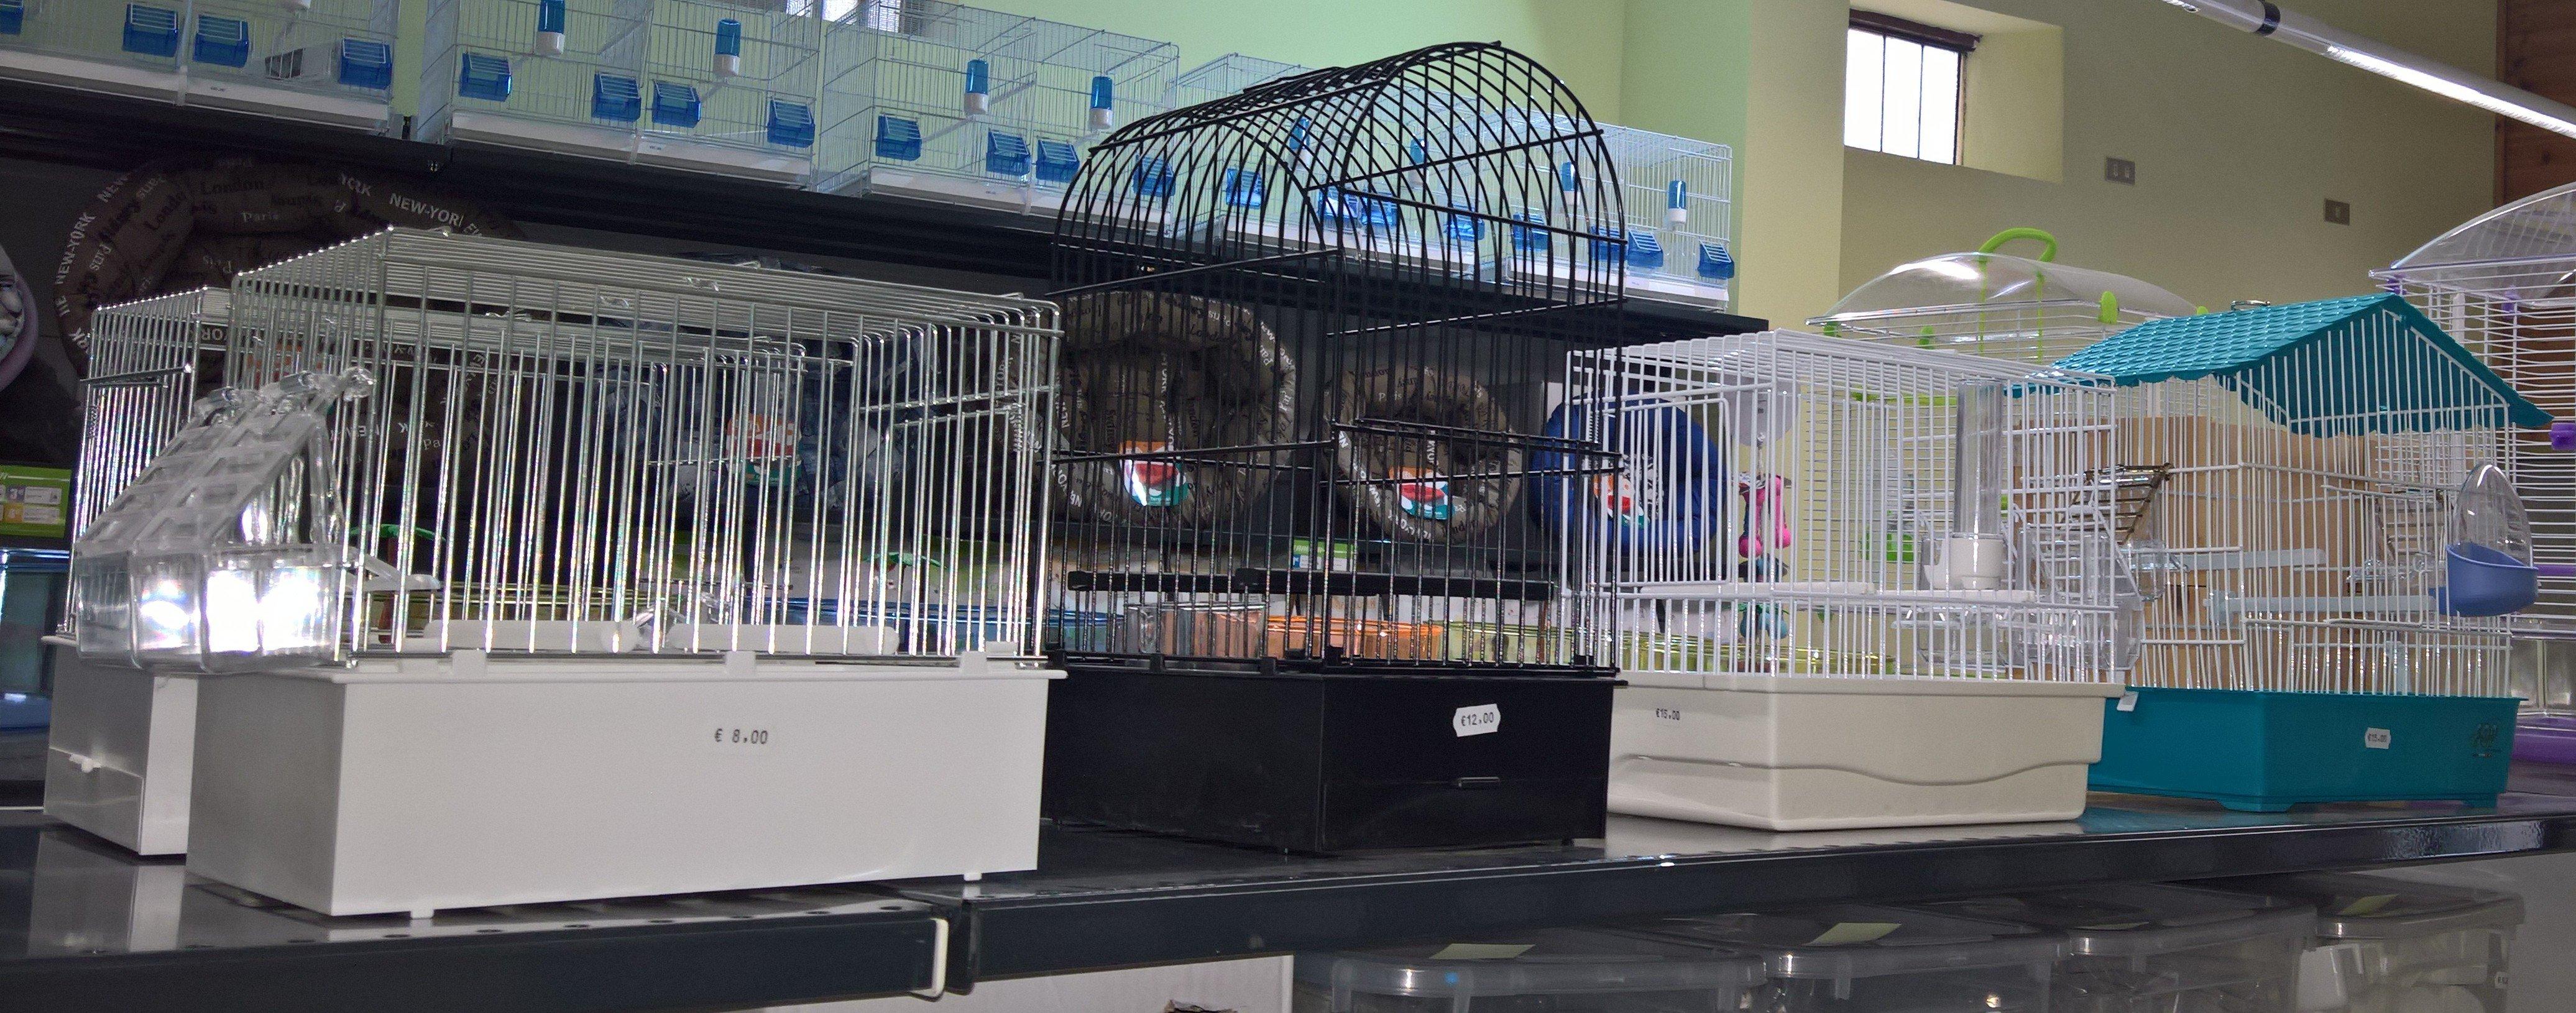 Gabbia per uccelli a Barcellona Pozzo Di Gotto